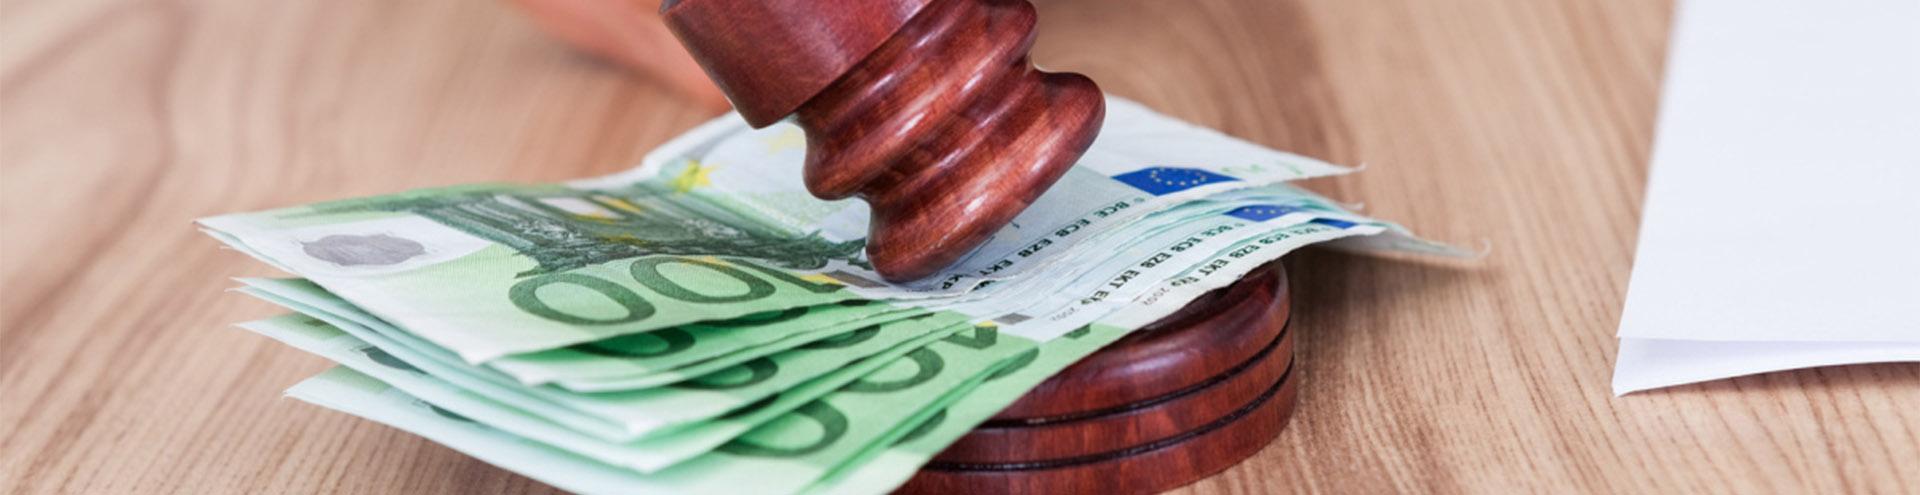 судебные расходы в Твери